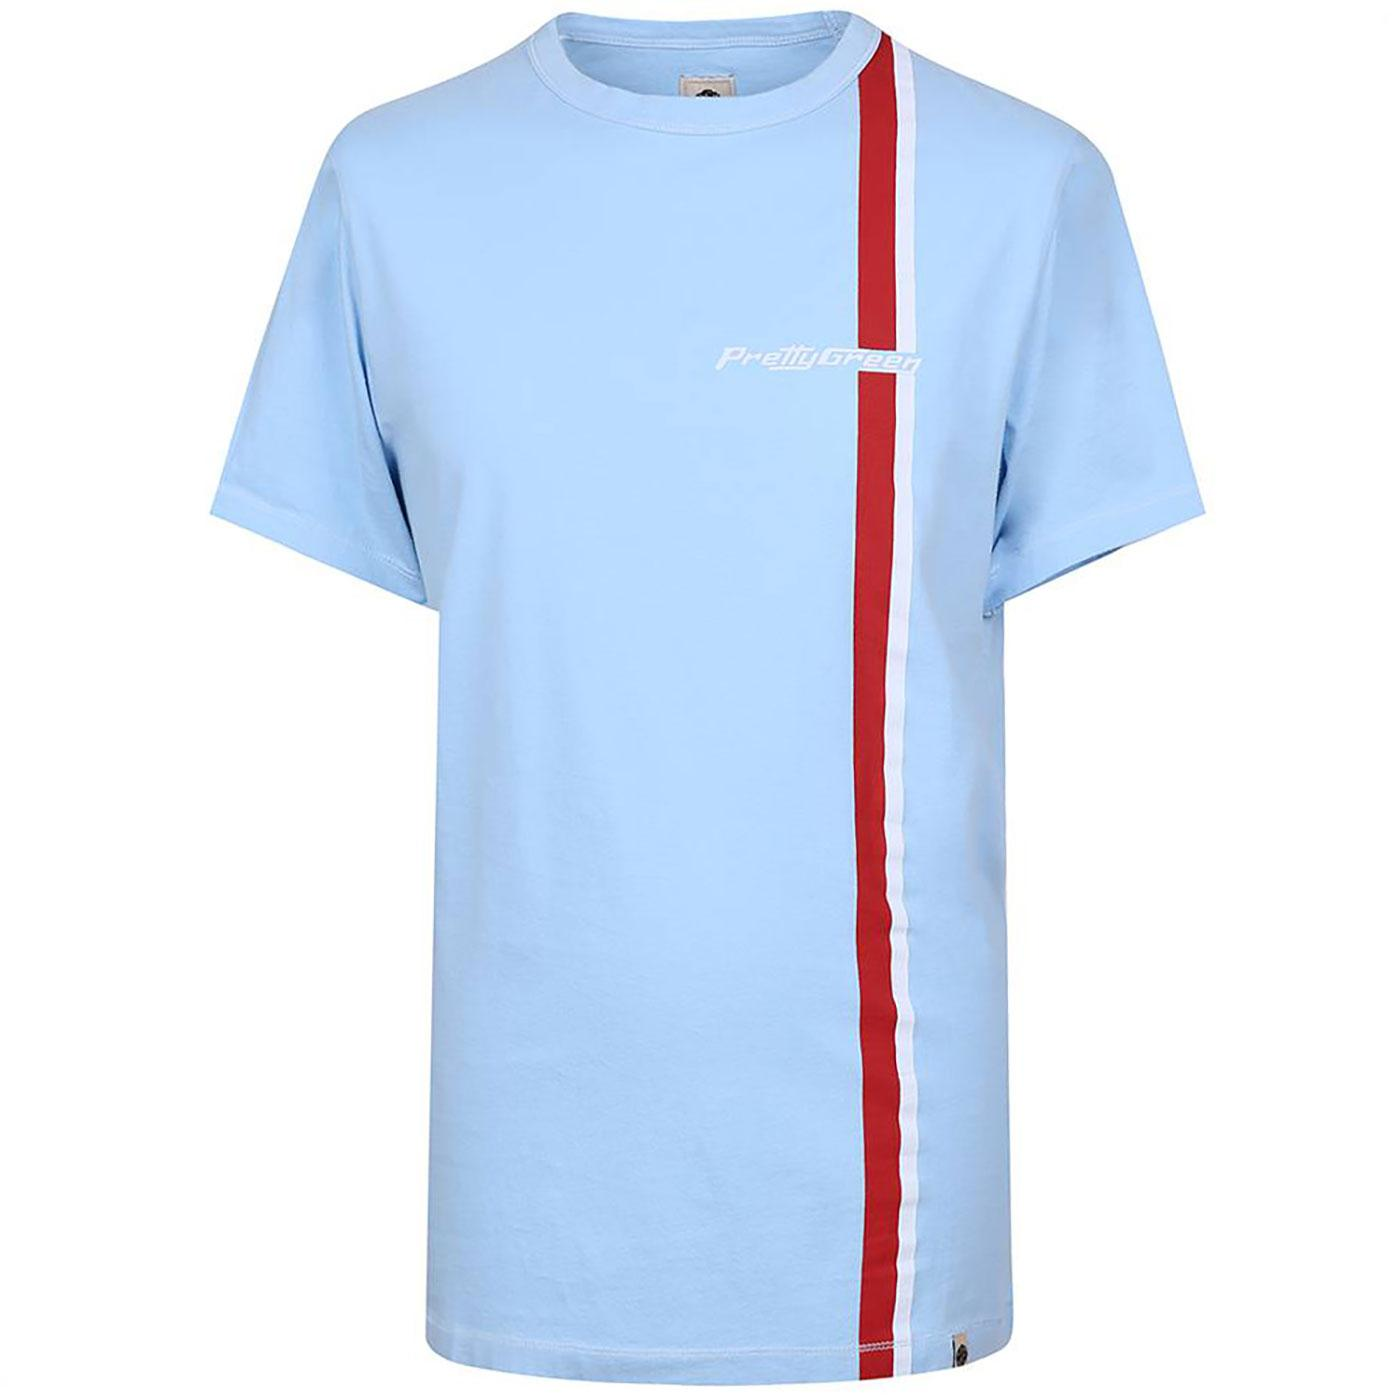 PRETTY GREEN Sixties Mod Racing Stripe T-Shirt Bl